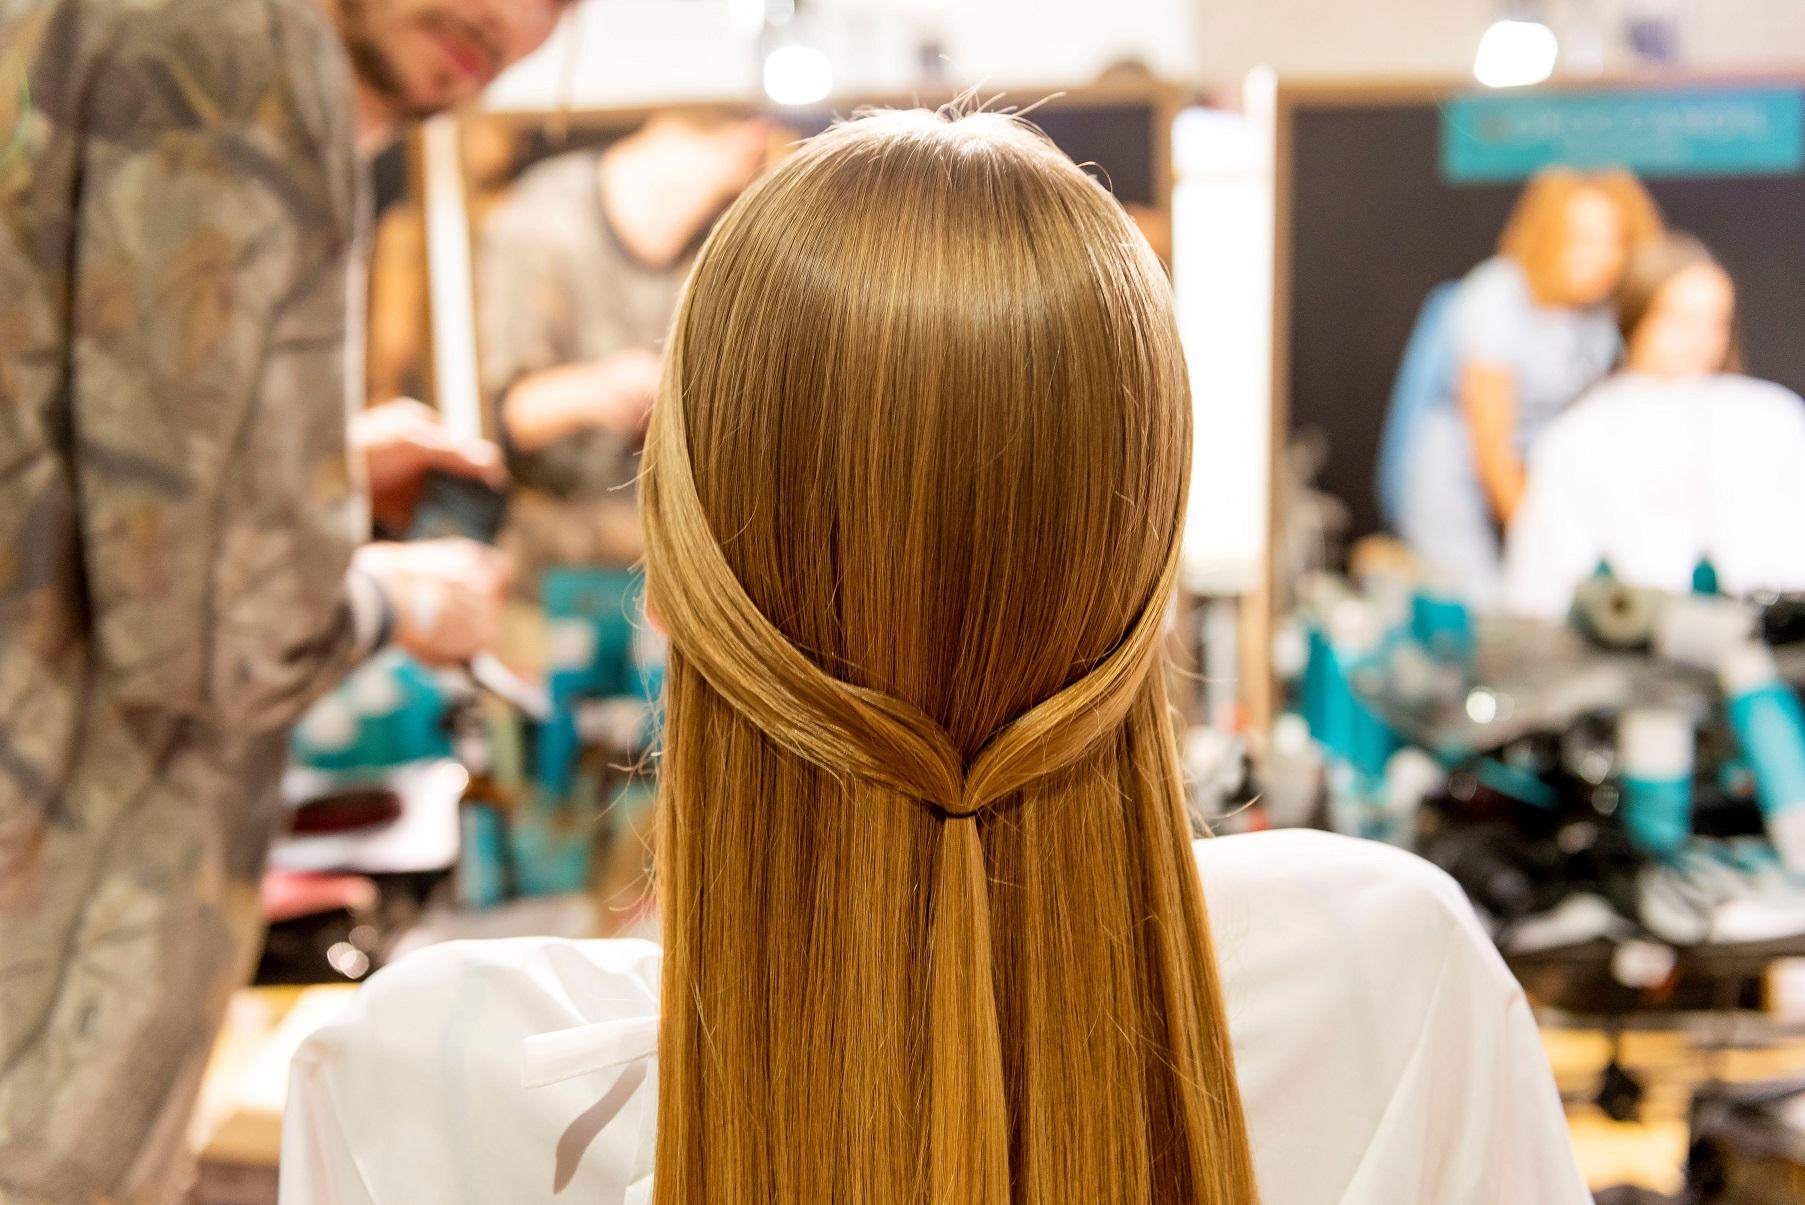 שבוע האופנה במילאנו - תצוגה של MISSONI - מראות שיער לקיץ 2019 באדיבות MOROCCANOIL